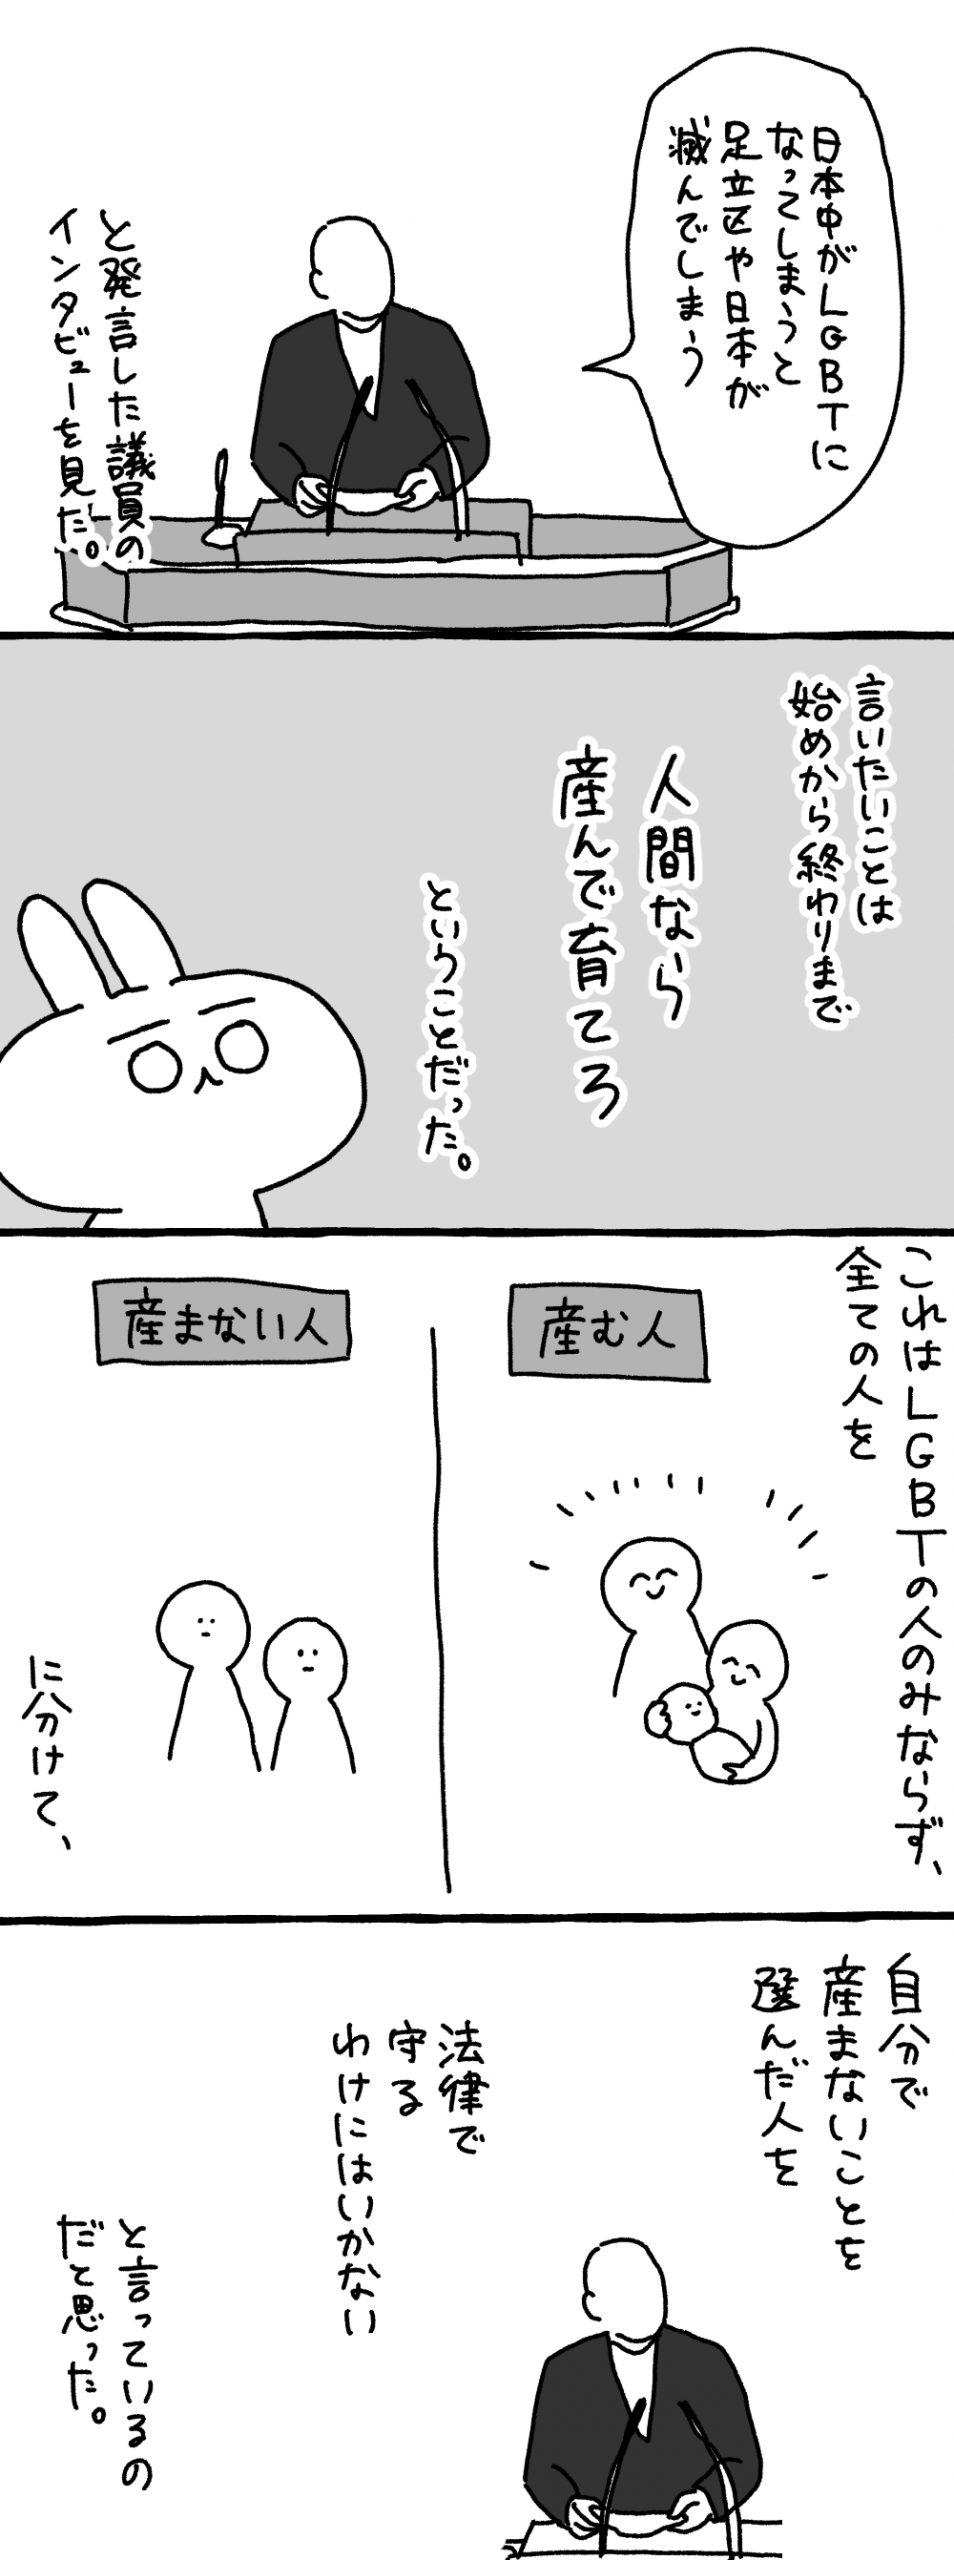 日本を滅ぼすものがあるとしたらそれは決してLGBTではないと思った話